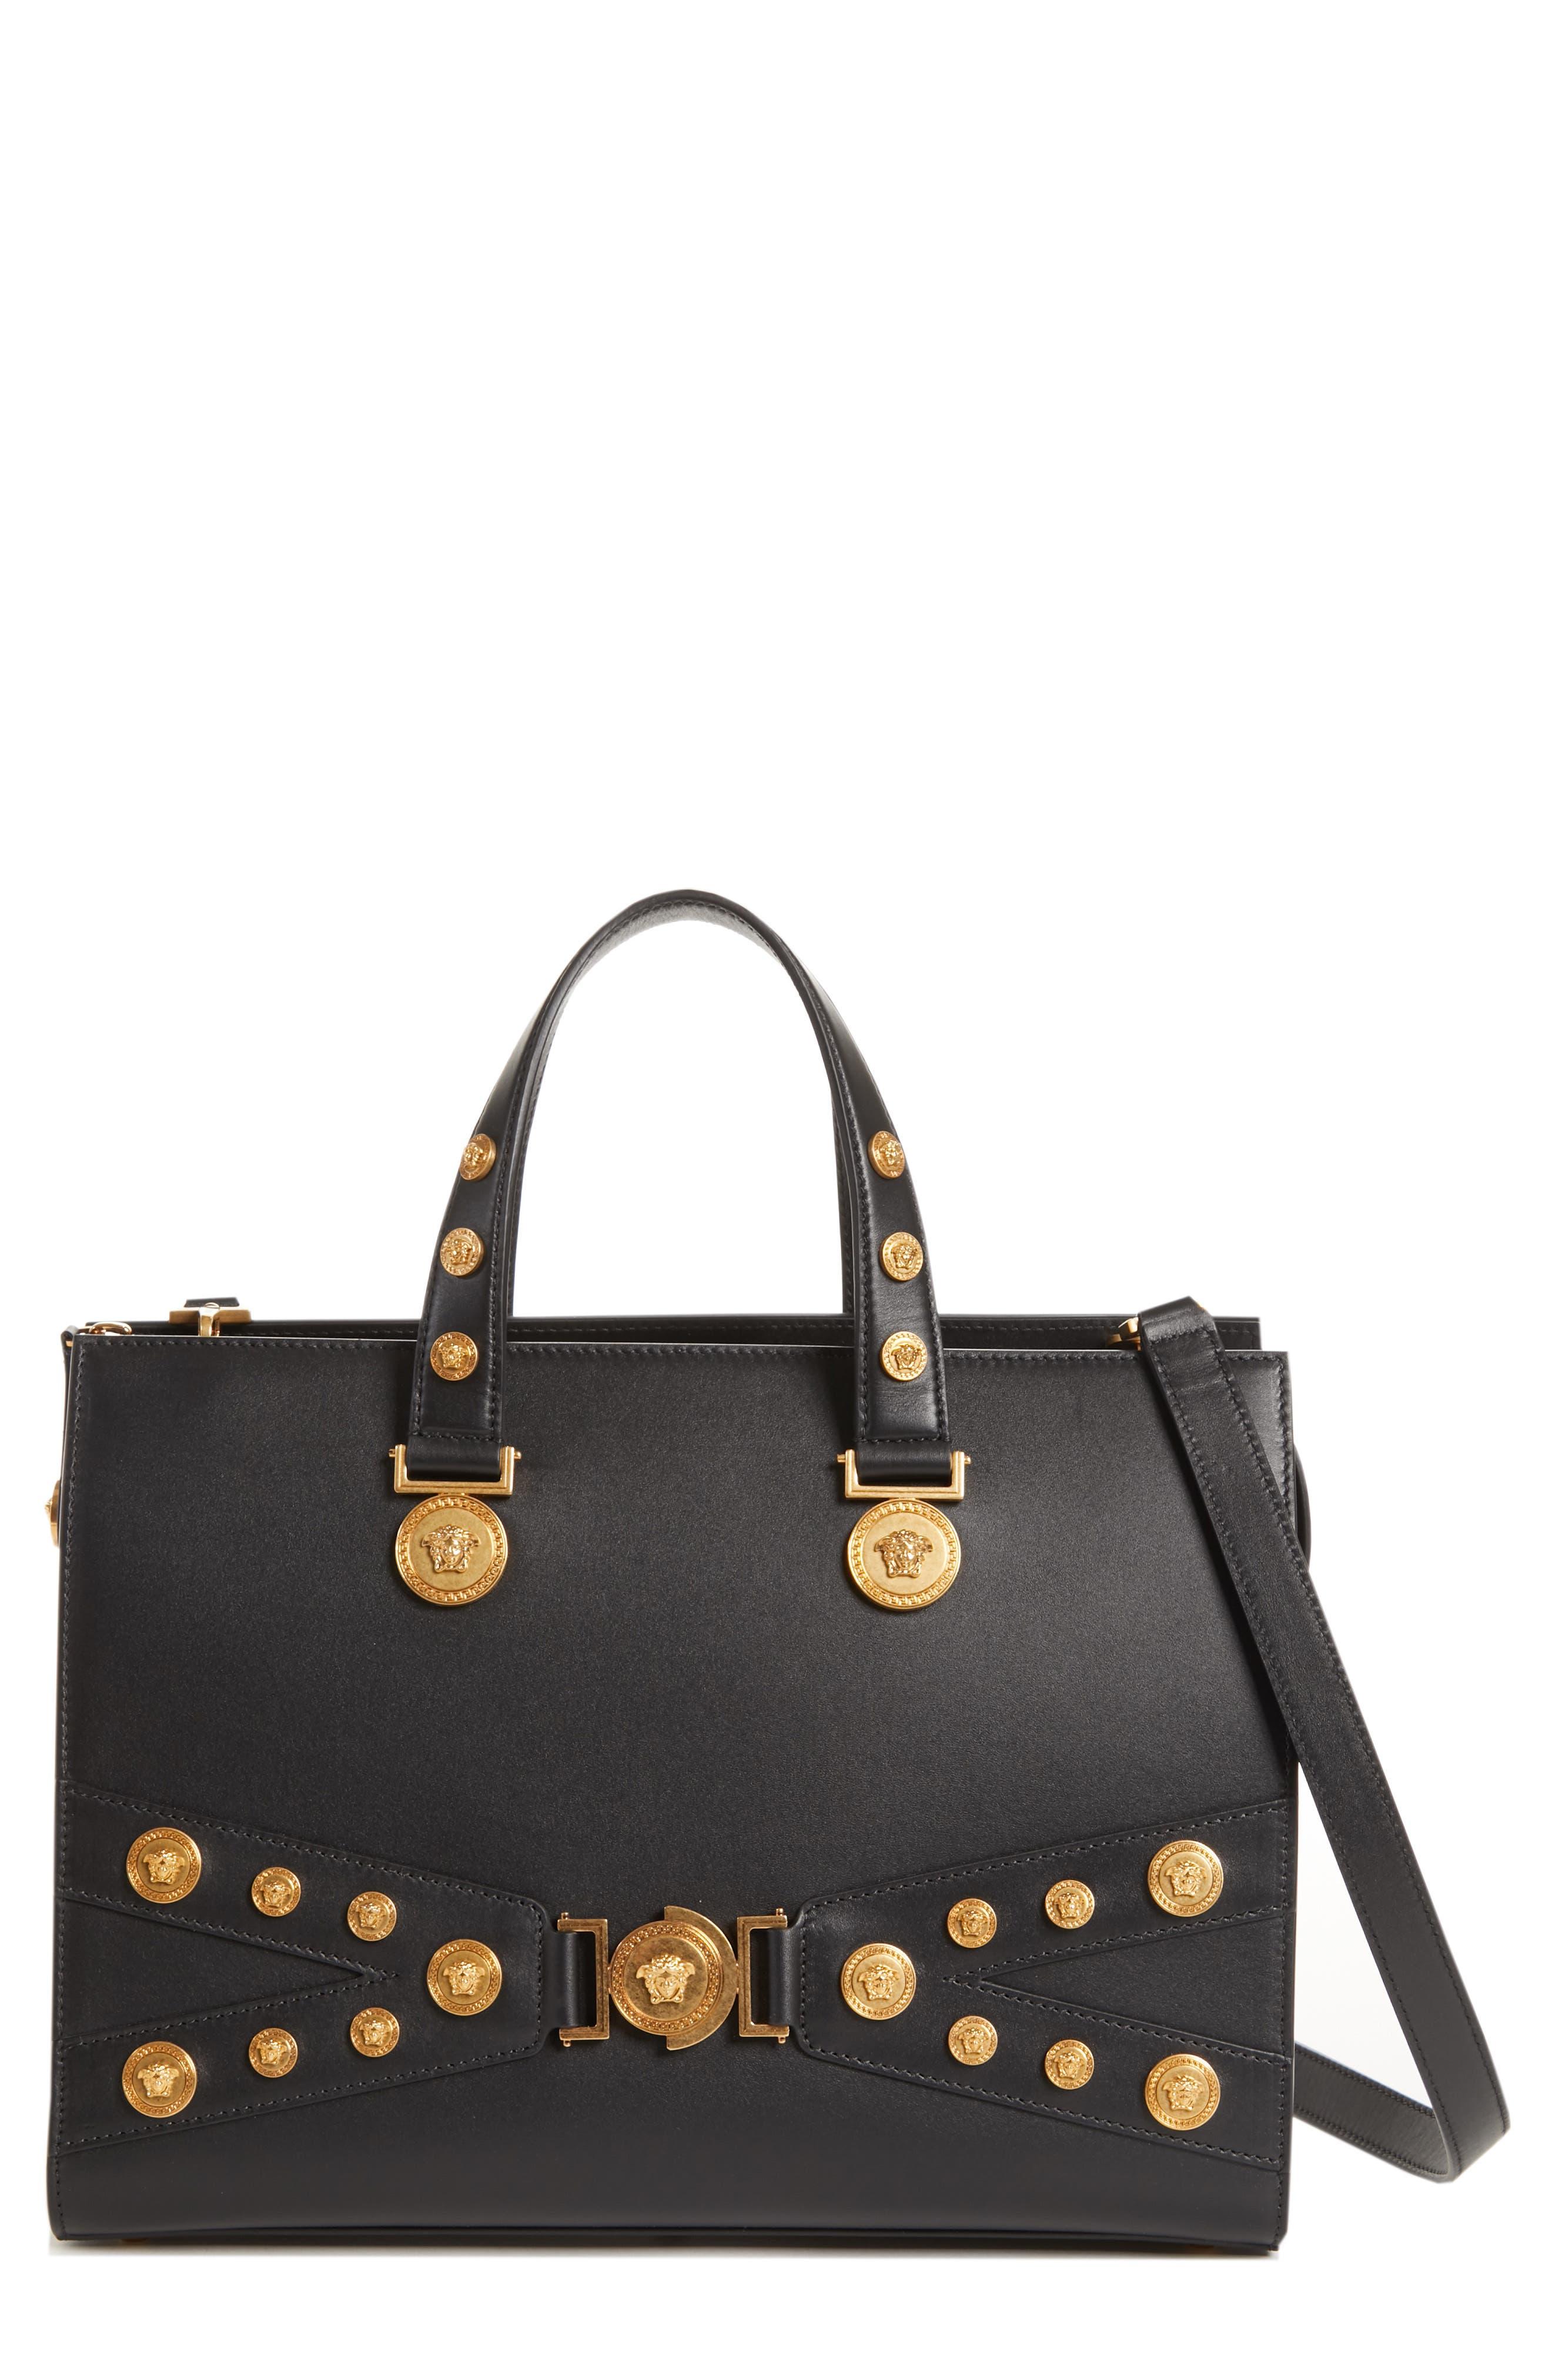 Versace Tribute Top Handle Leather Satchel